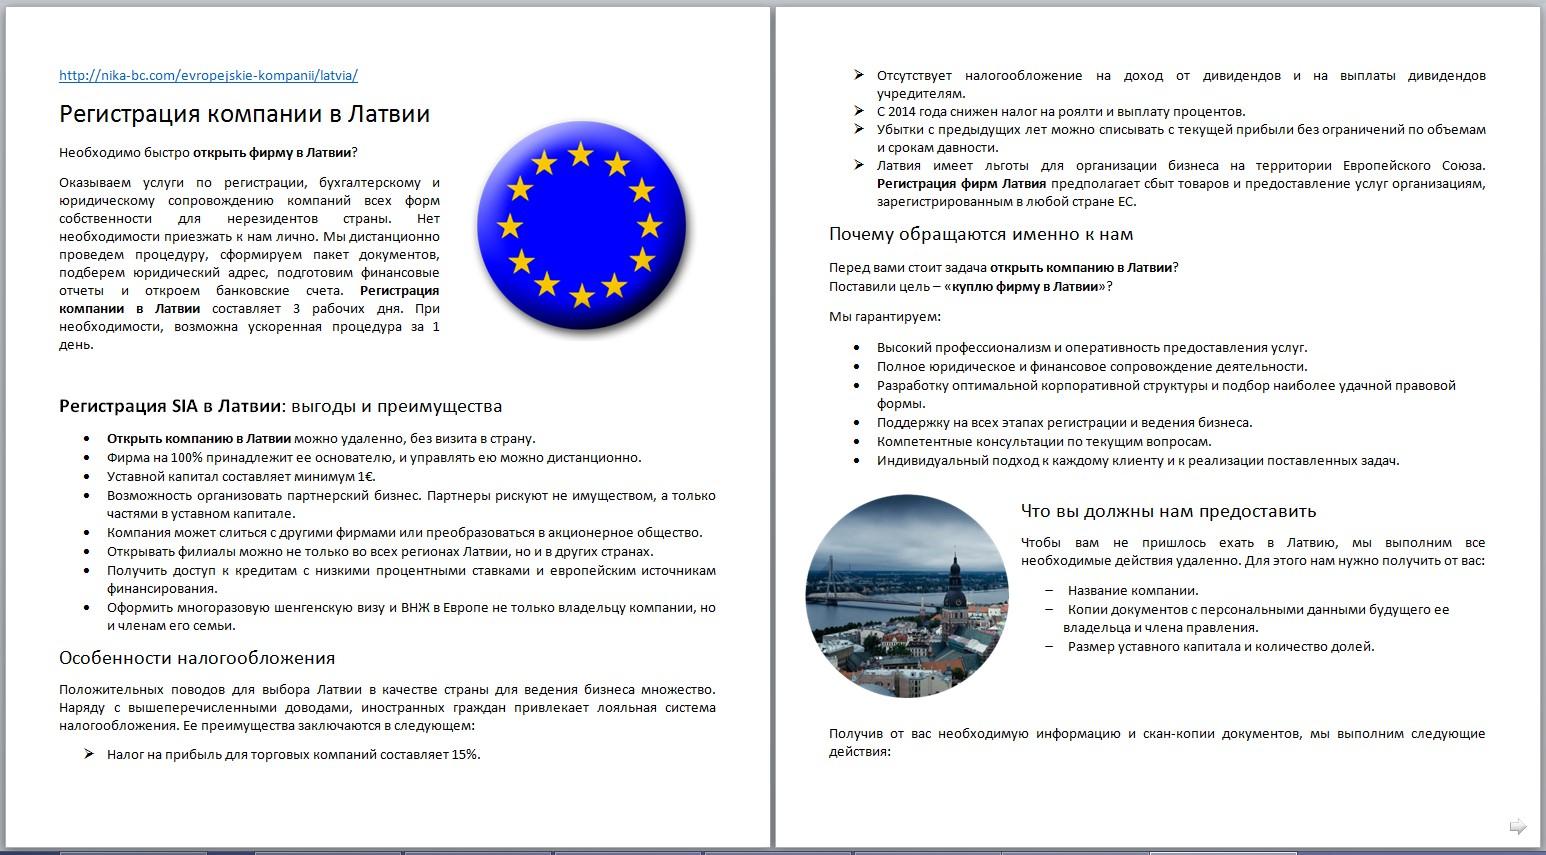 Сое-оптимизированный текст. Регистрация компаний в Латвии